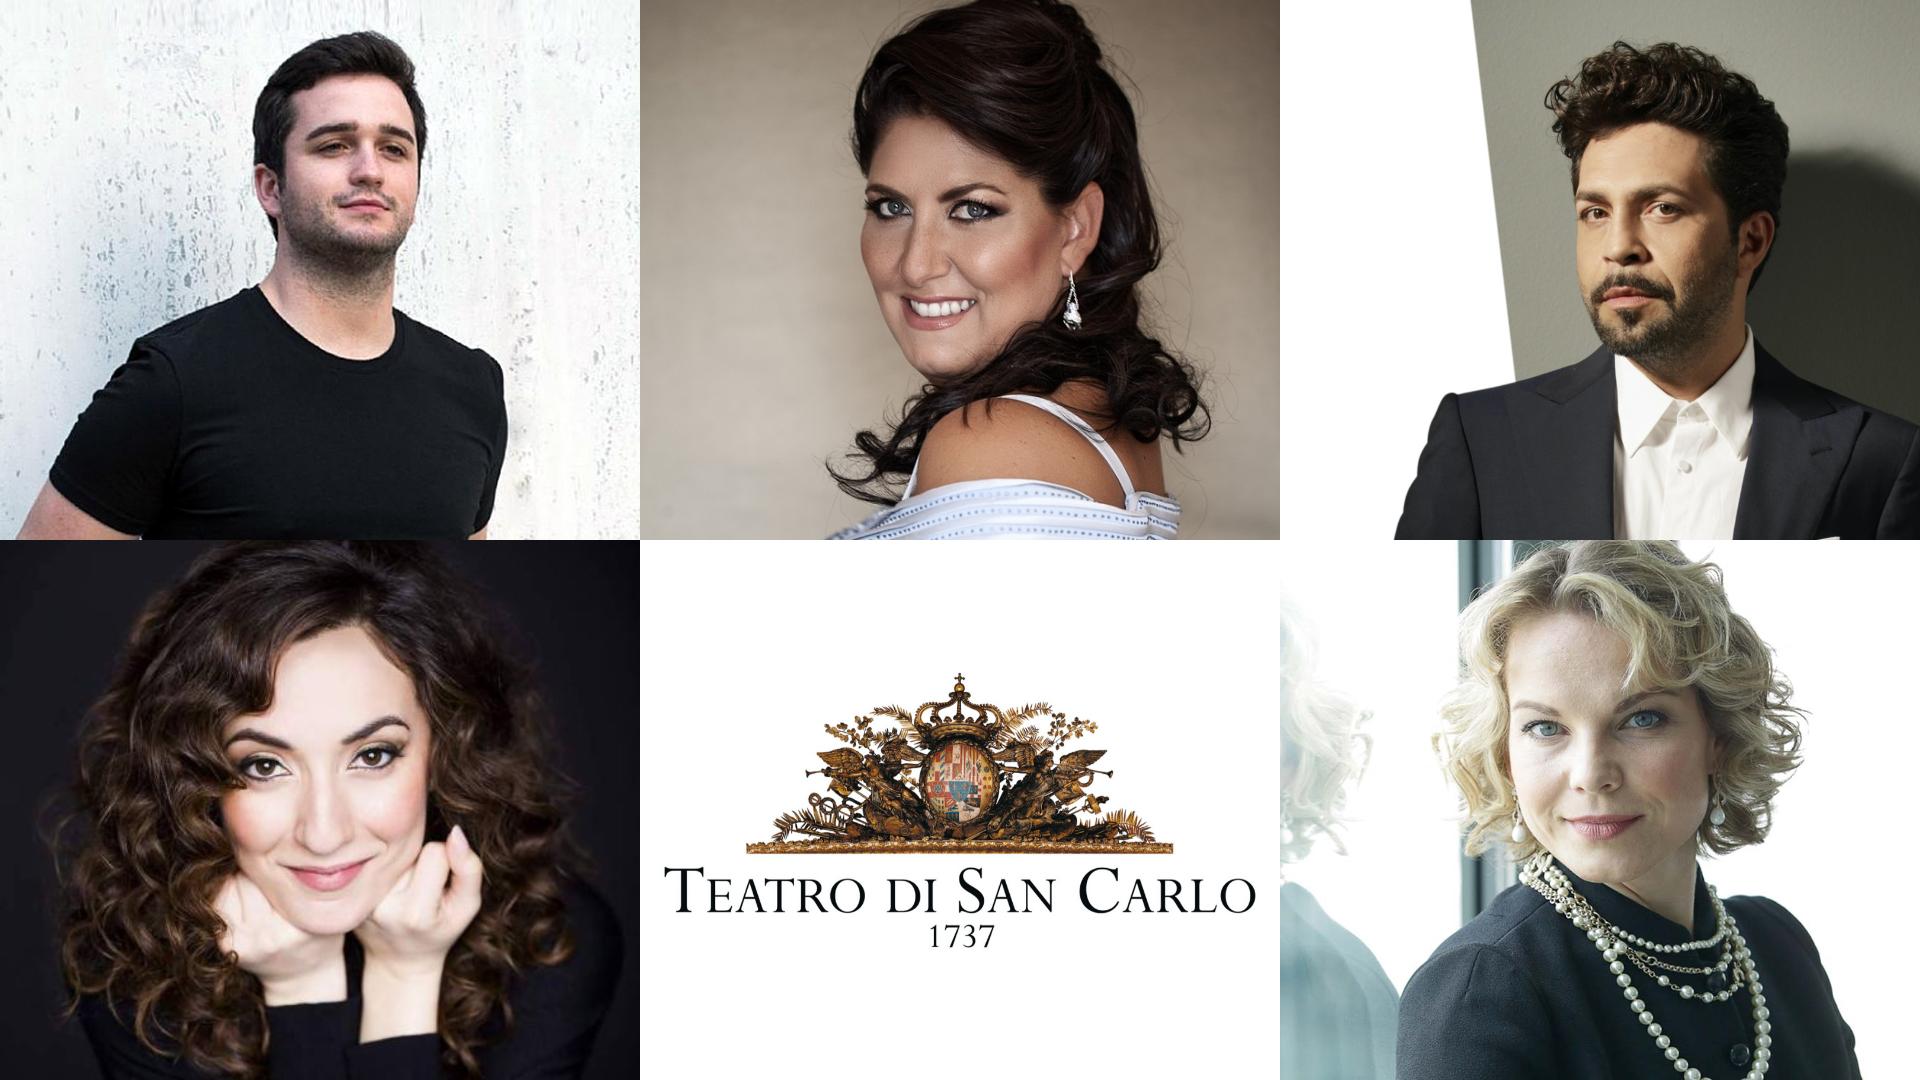 La stagione 20/21 del Teatro San Carlo di Napoli